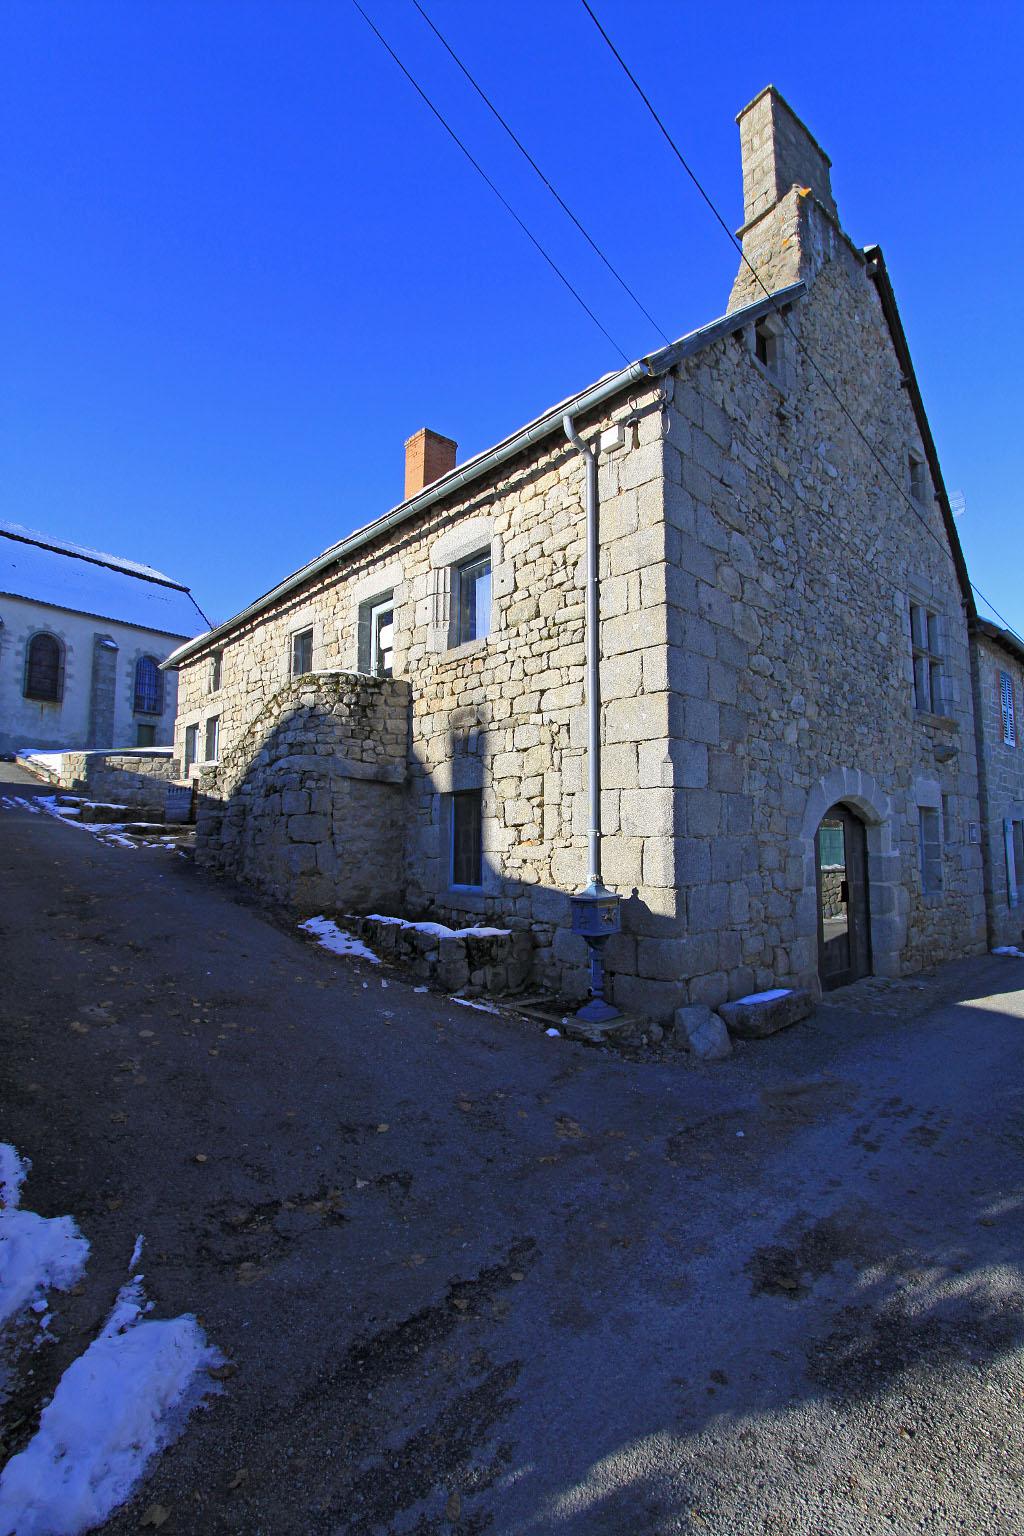 Maison 1ère maison à Crocq.